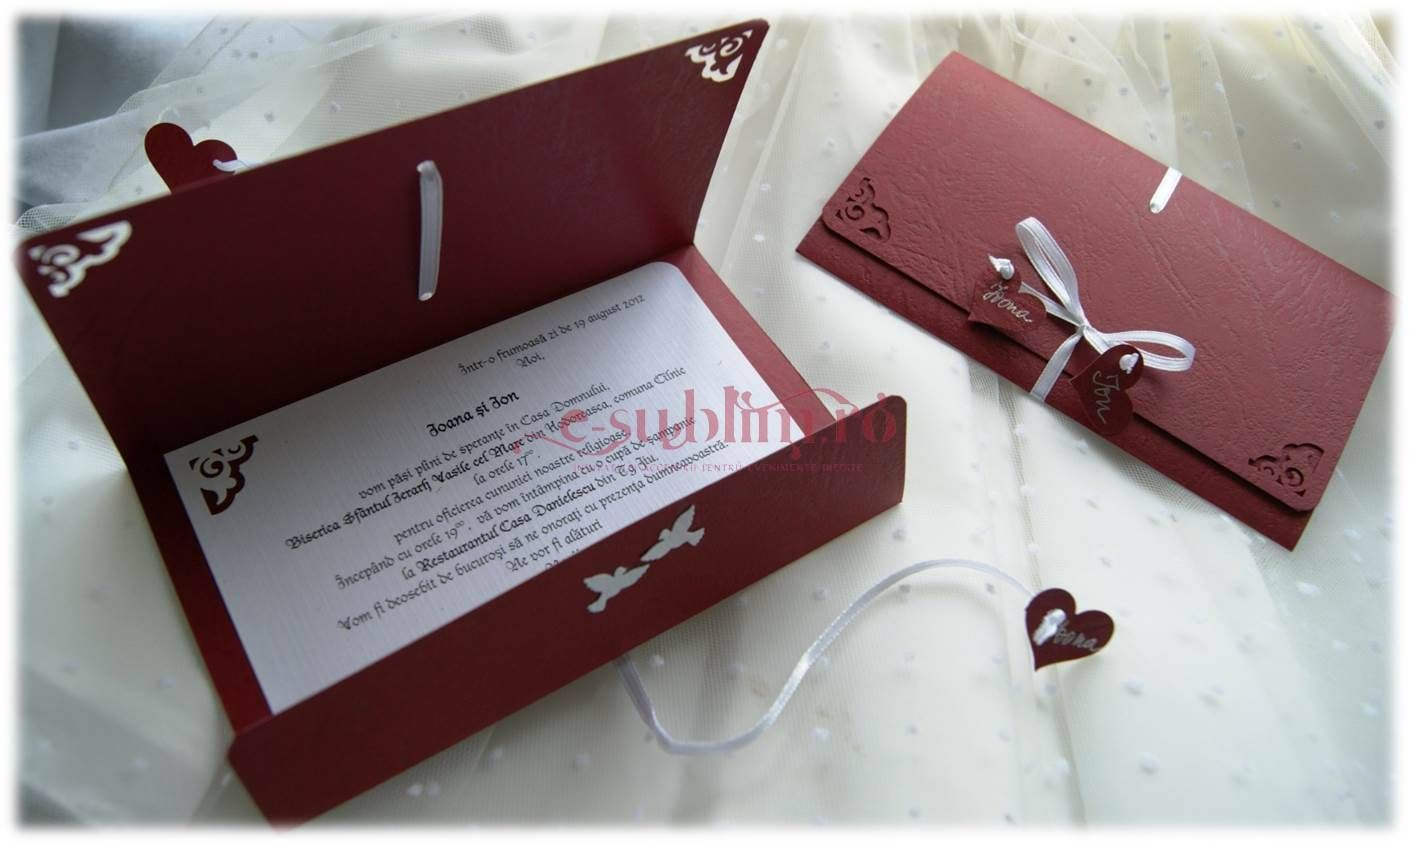 Invitatii Nunta Deosebite Căutare Google Invitatii Nunta Gift